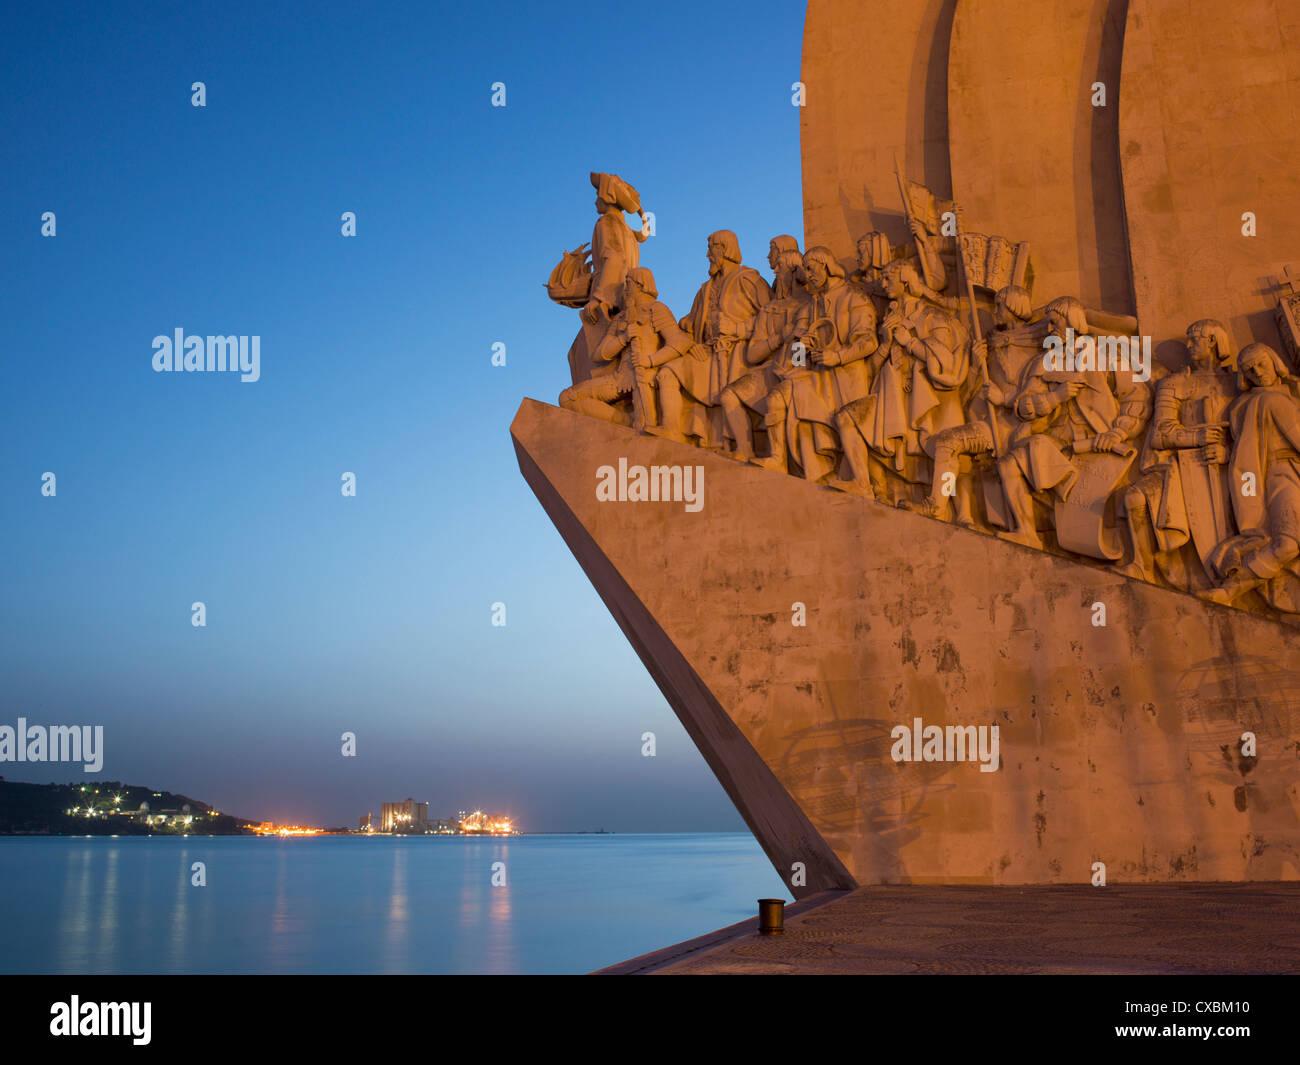 Denkmal für Entdeckungen, Belem, Lissabon, Portugal, Europa Stockbild